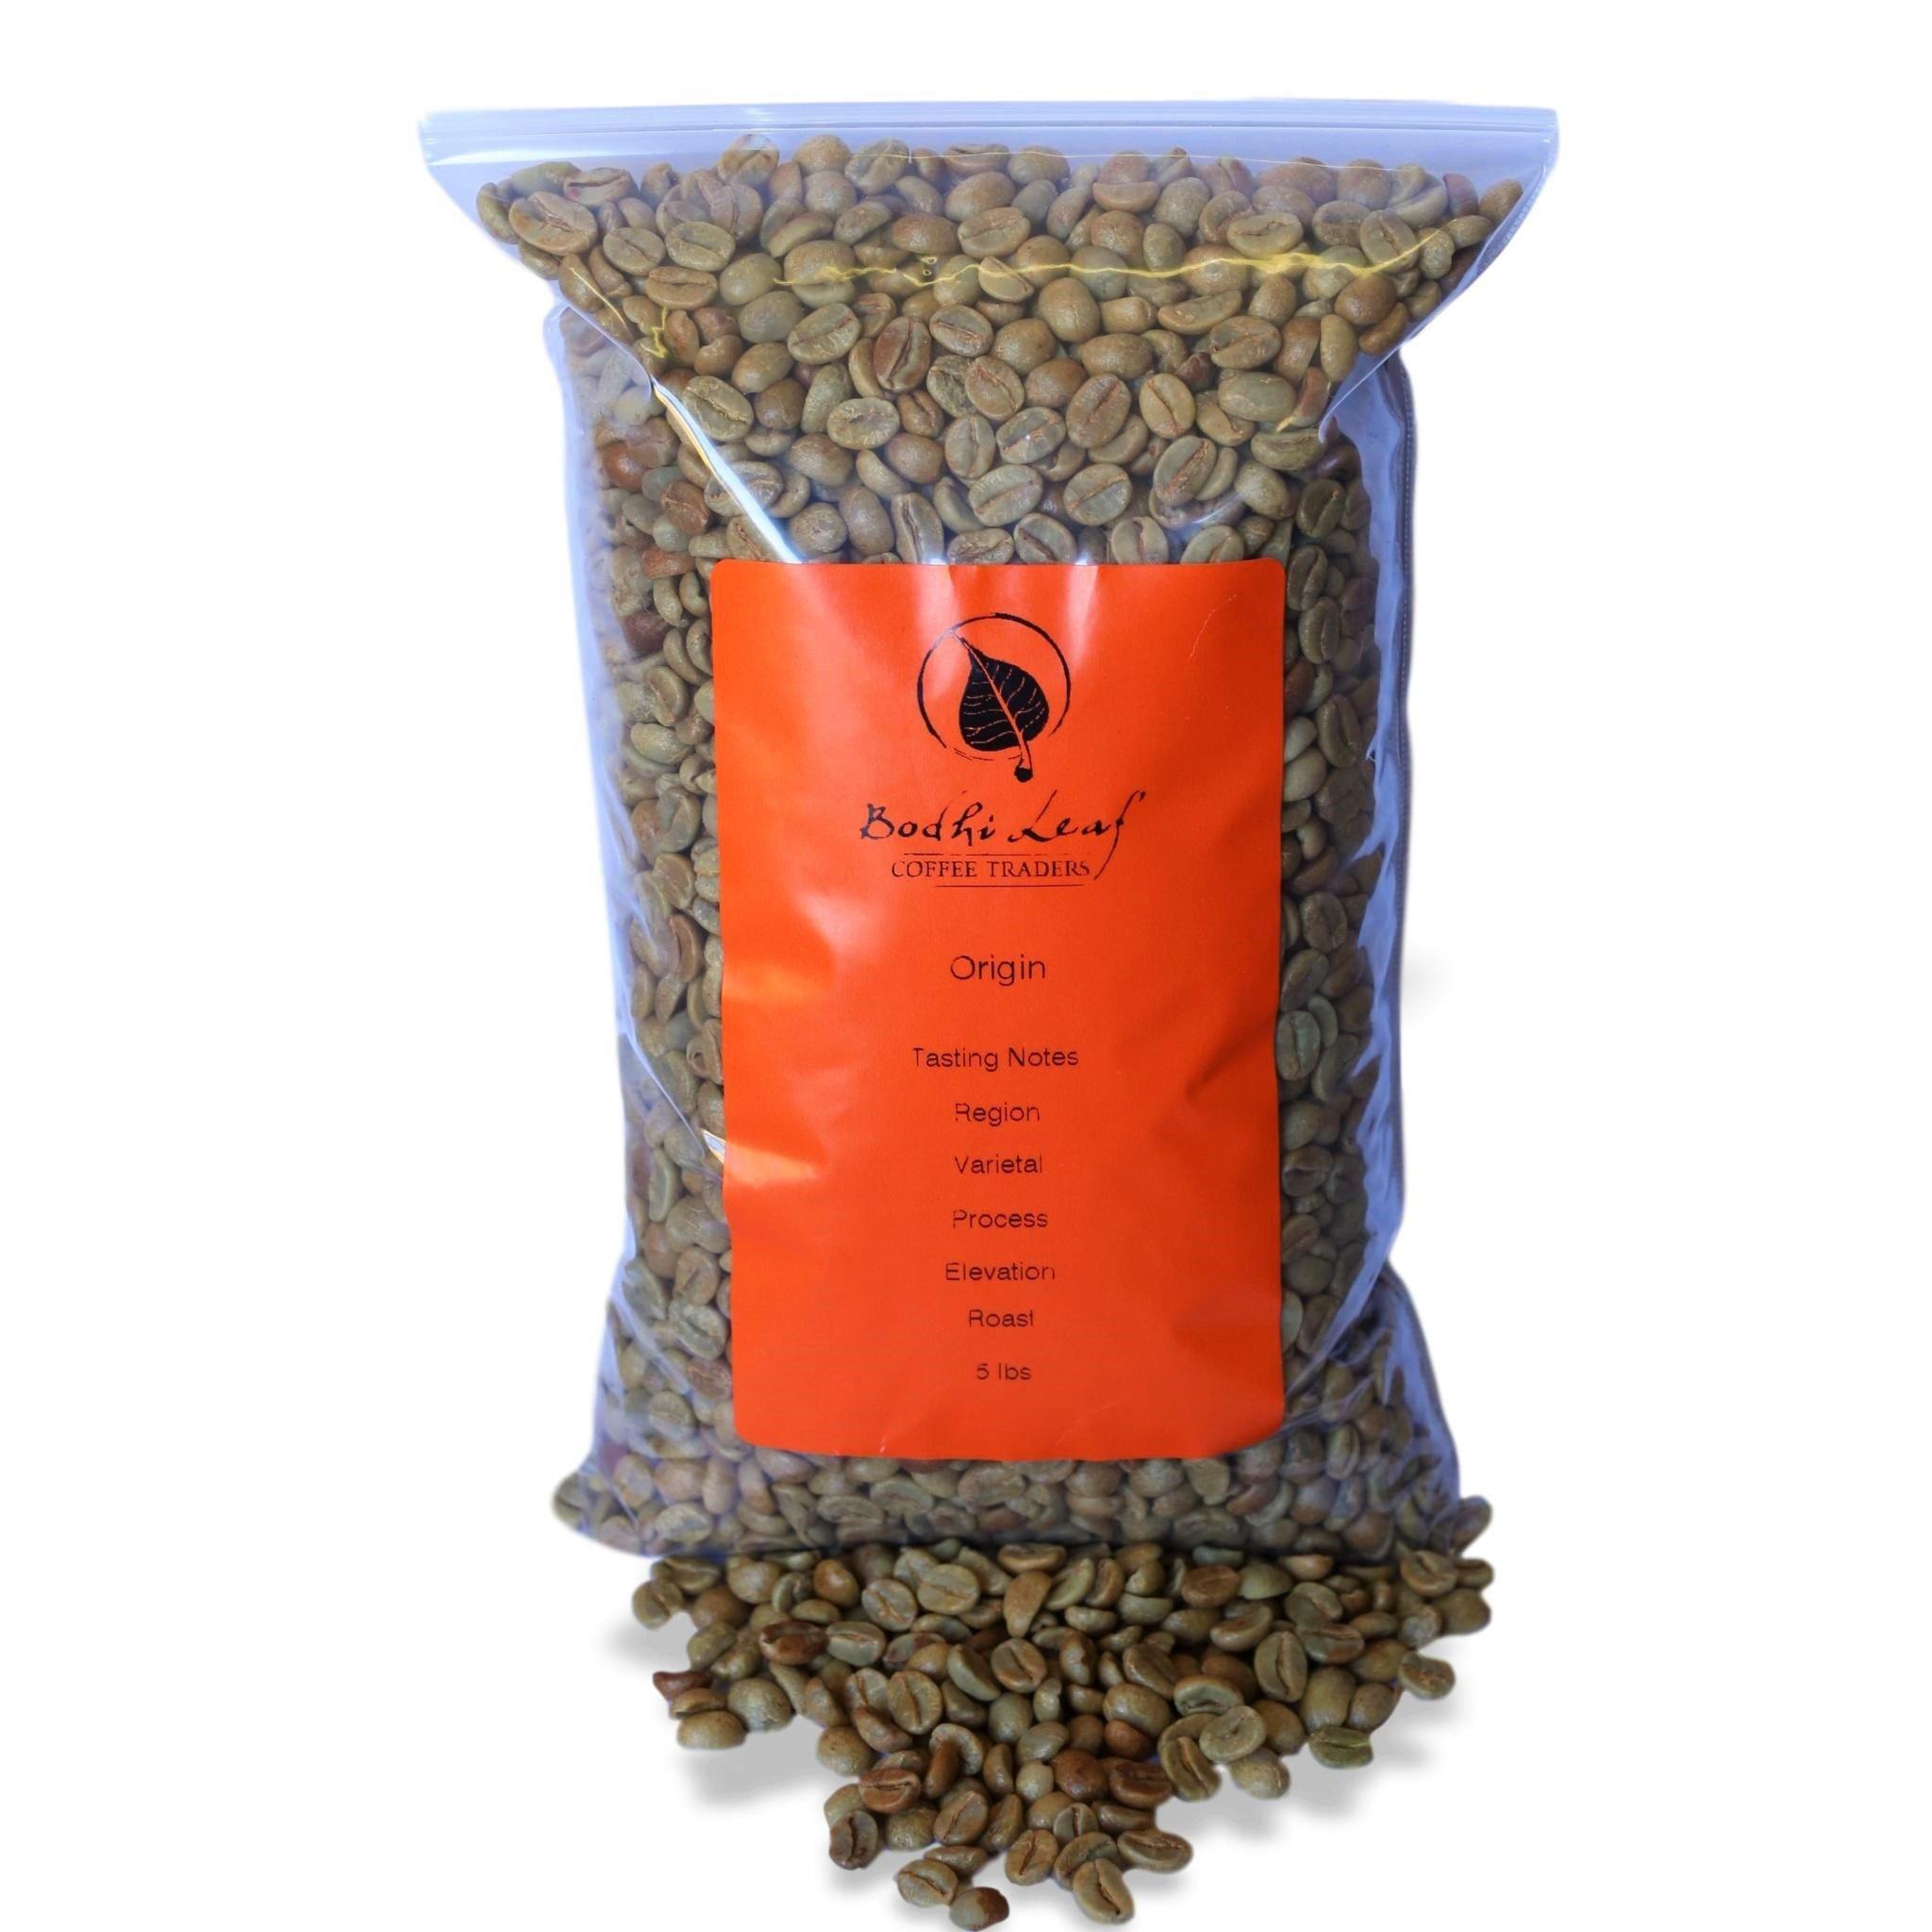 5LBS Burundi Masha Unroasted Green Coffee Beans by Bodhi Leaf Trading Company